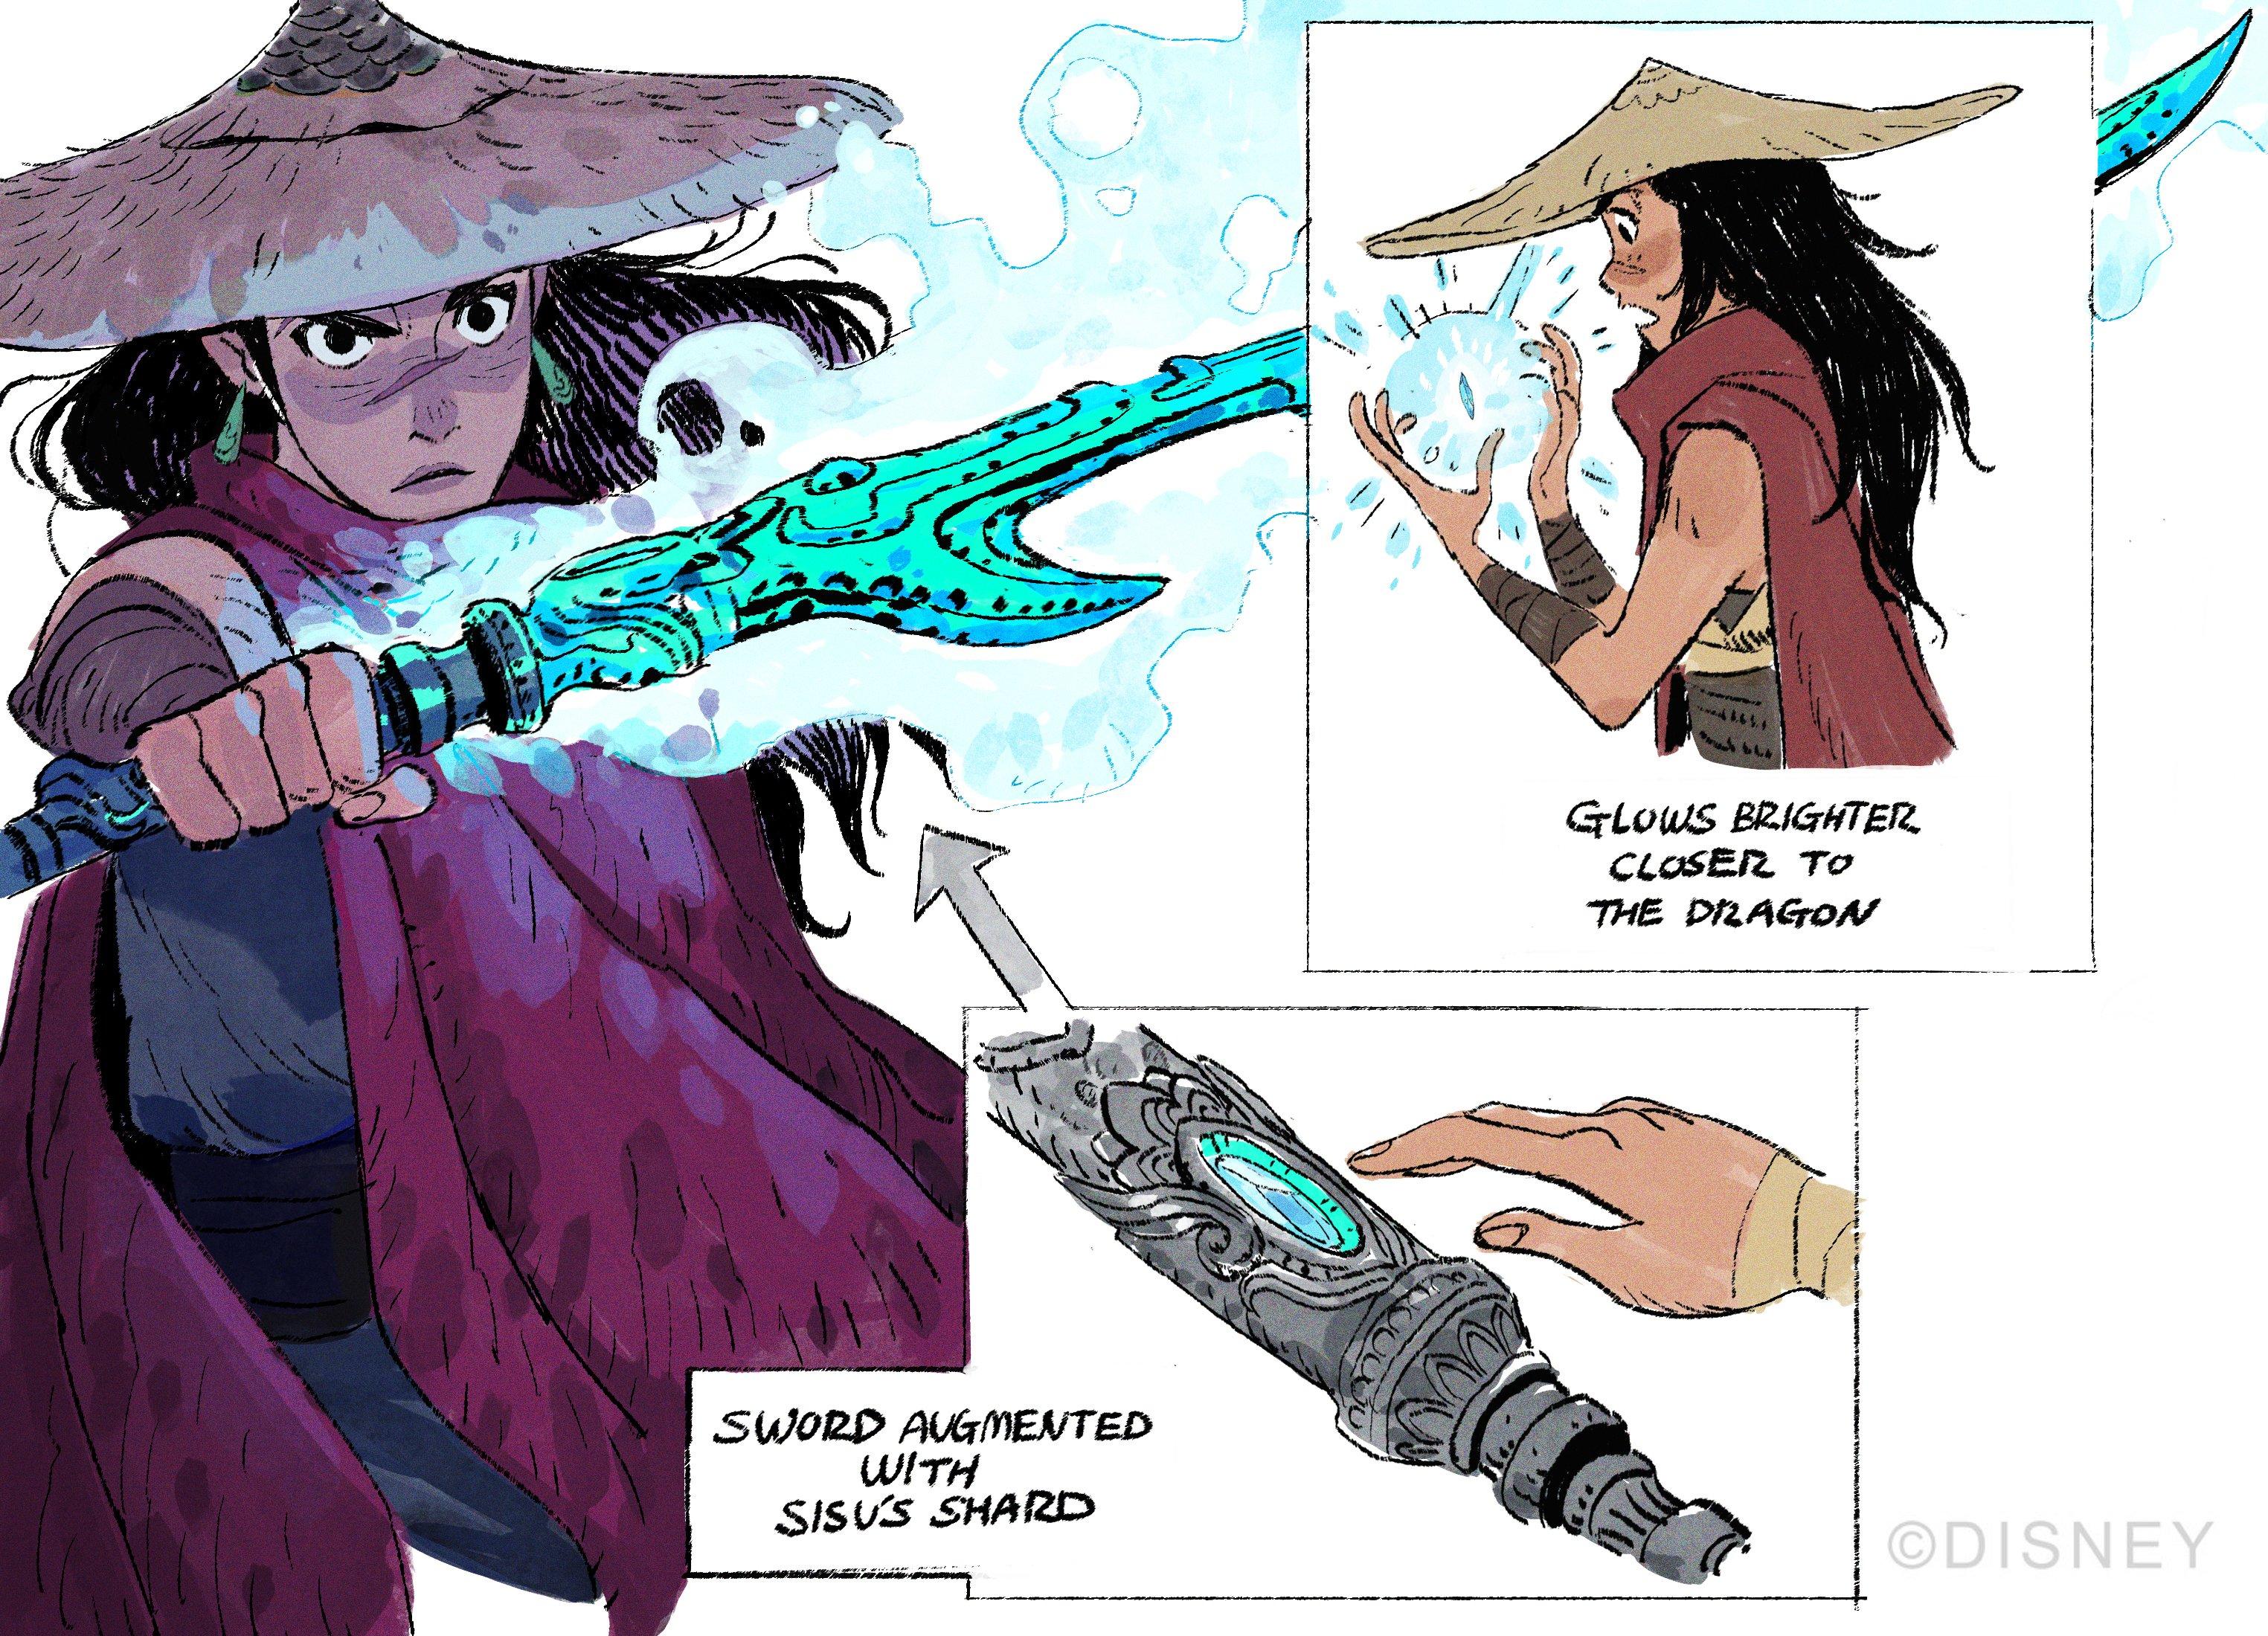 Raya et le Dernier Dragon [Walt Disney - 2021] - Page 21 EyVDLDuUUAIzGWw?format=jpg&name=4096x4096